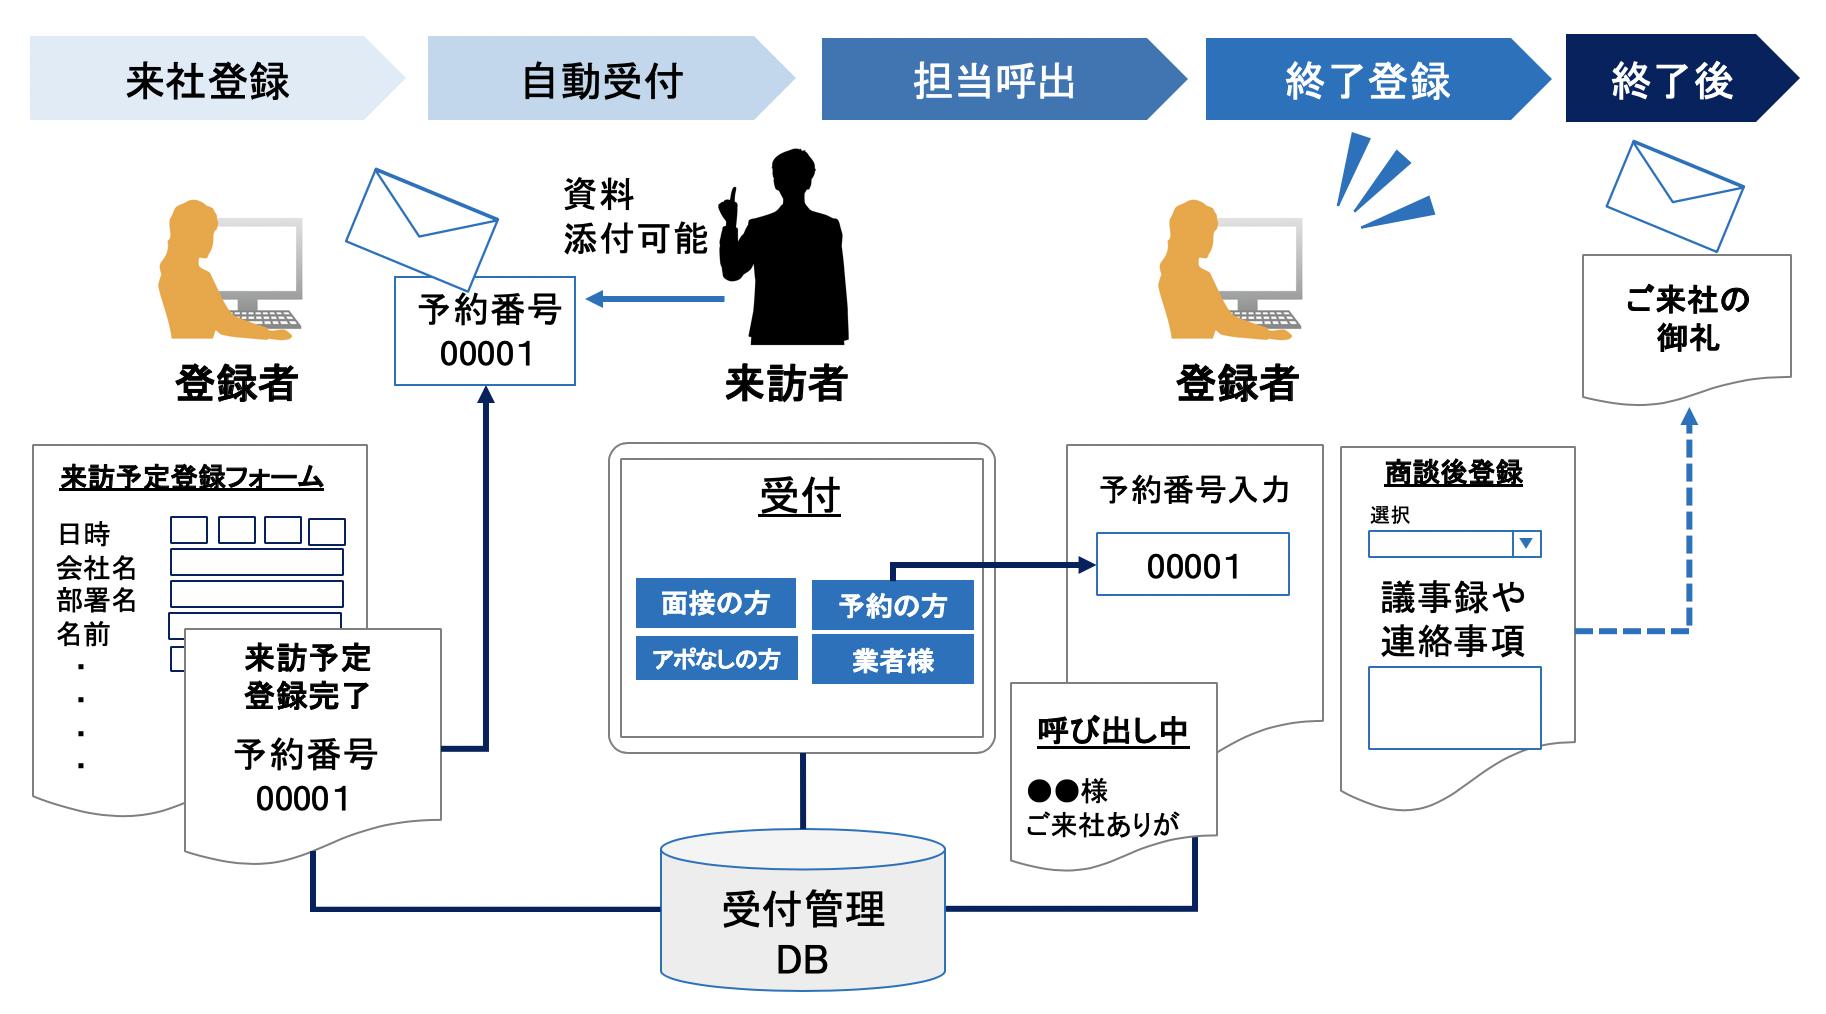 来訪者受付管理システムの概要